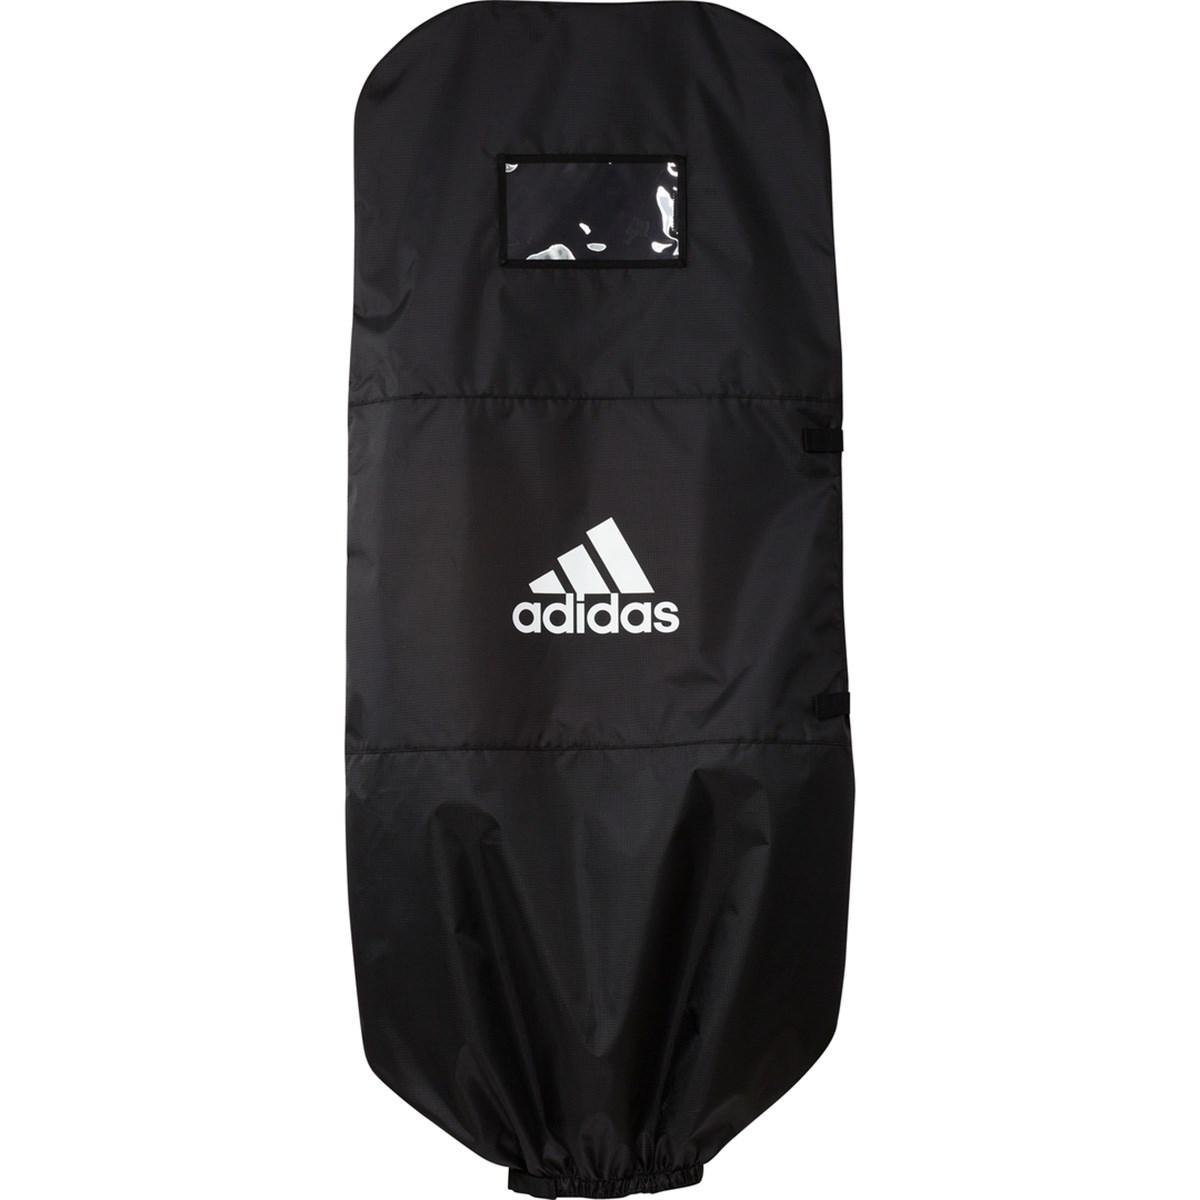 アディダス Adidas トラベルカバー ブラック/ホワイト